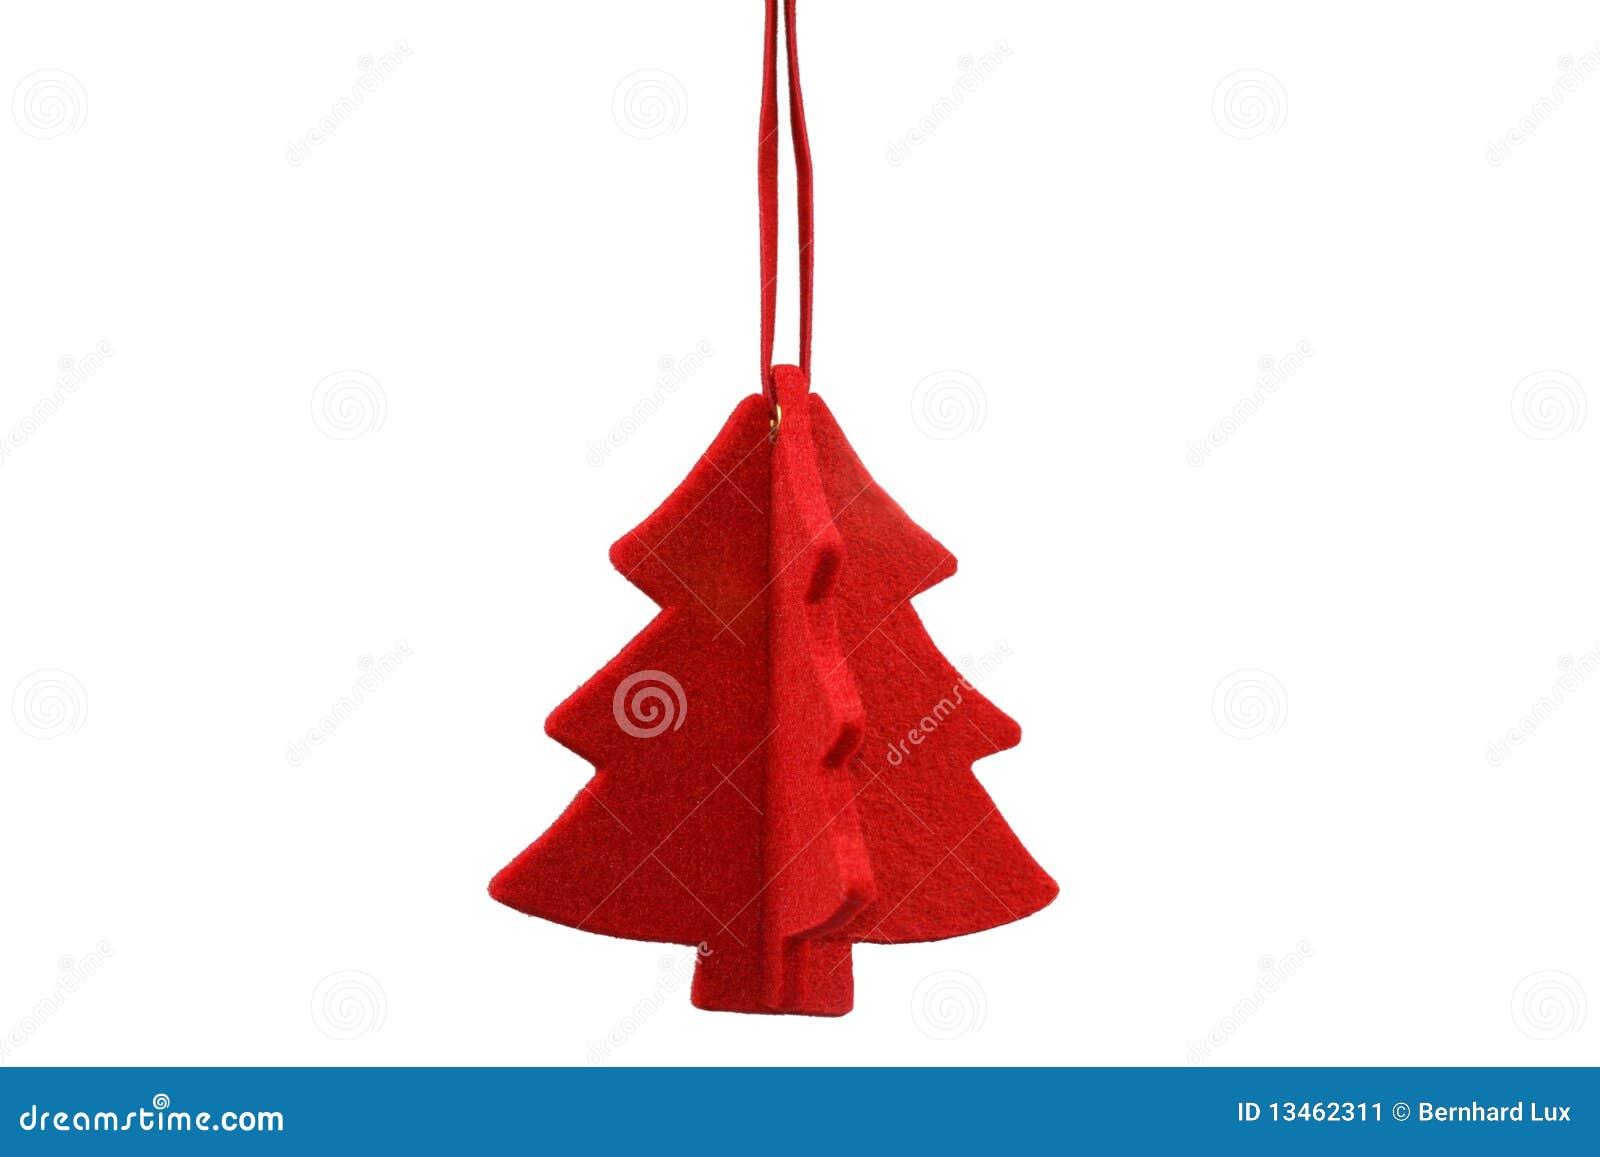 Albero di natale stilizzato rosso immagine stock for Albero natale stilizzato